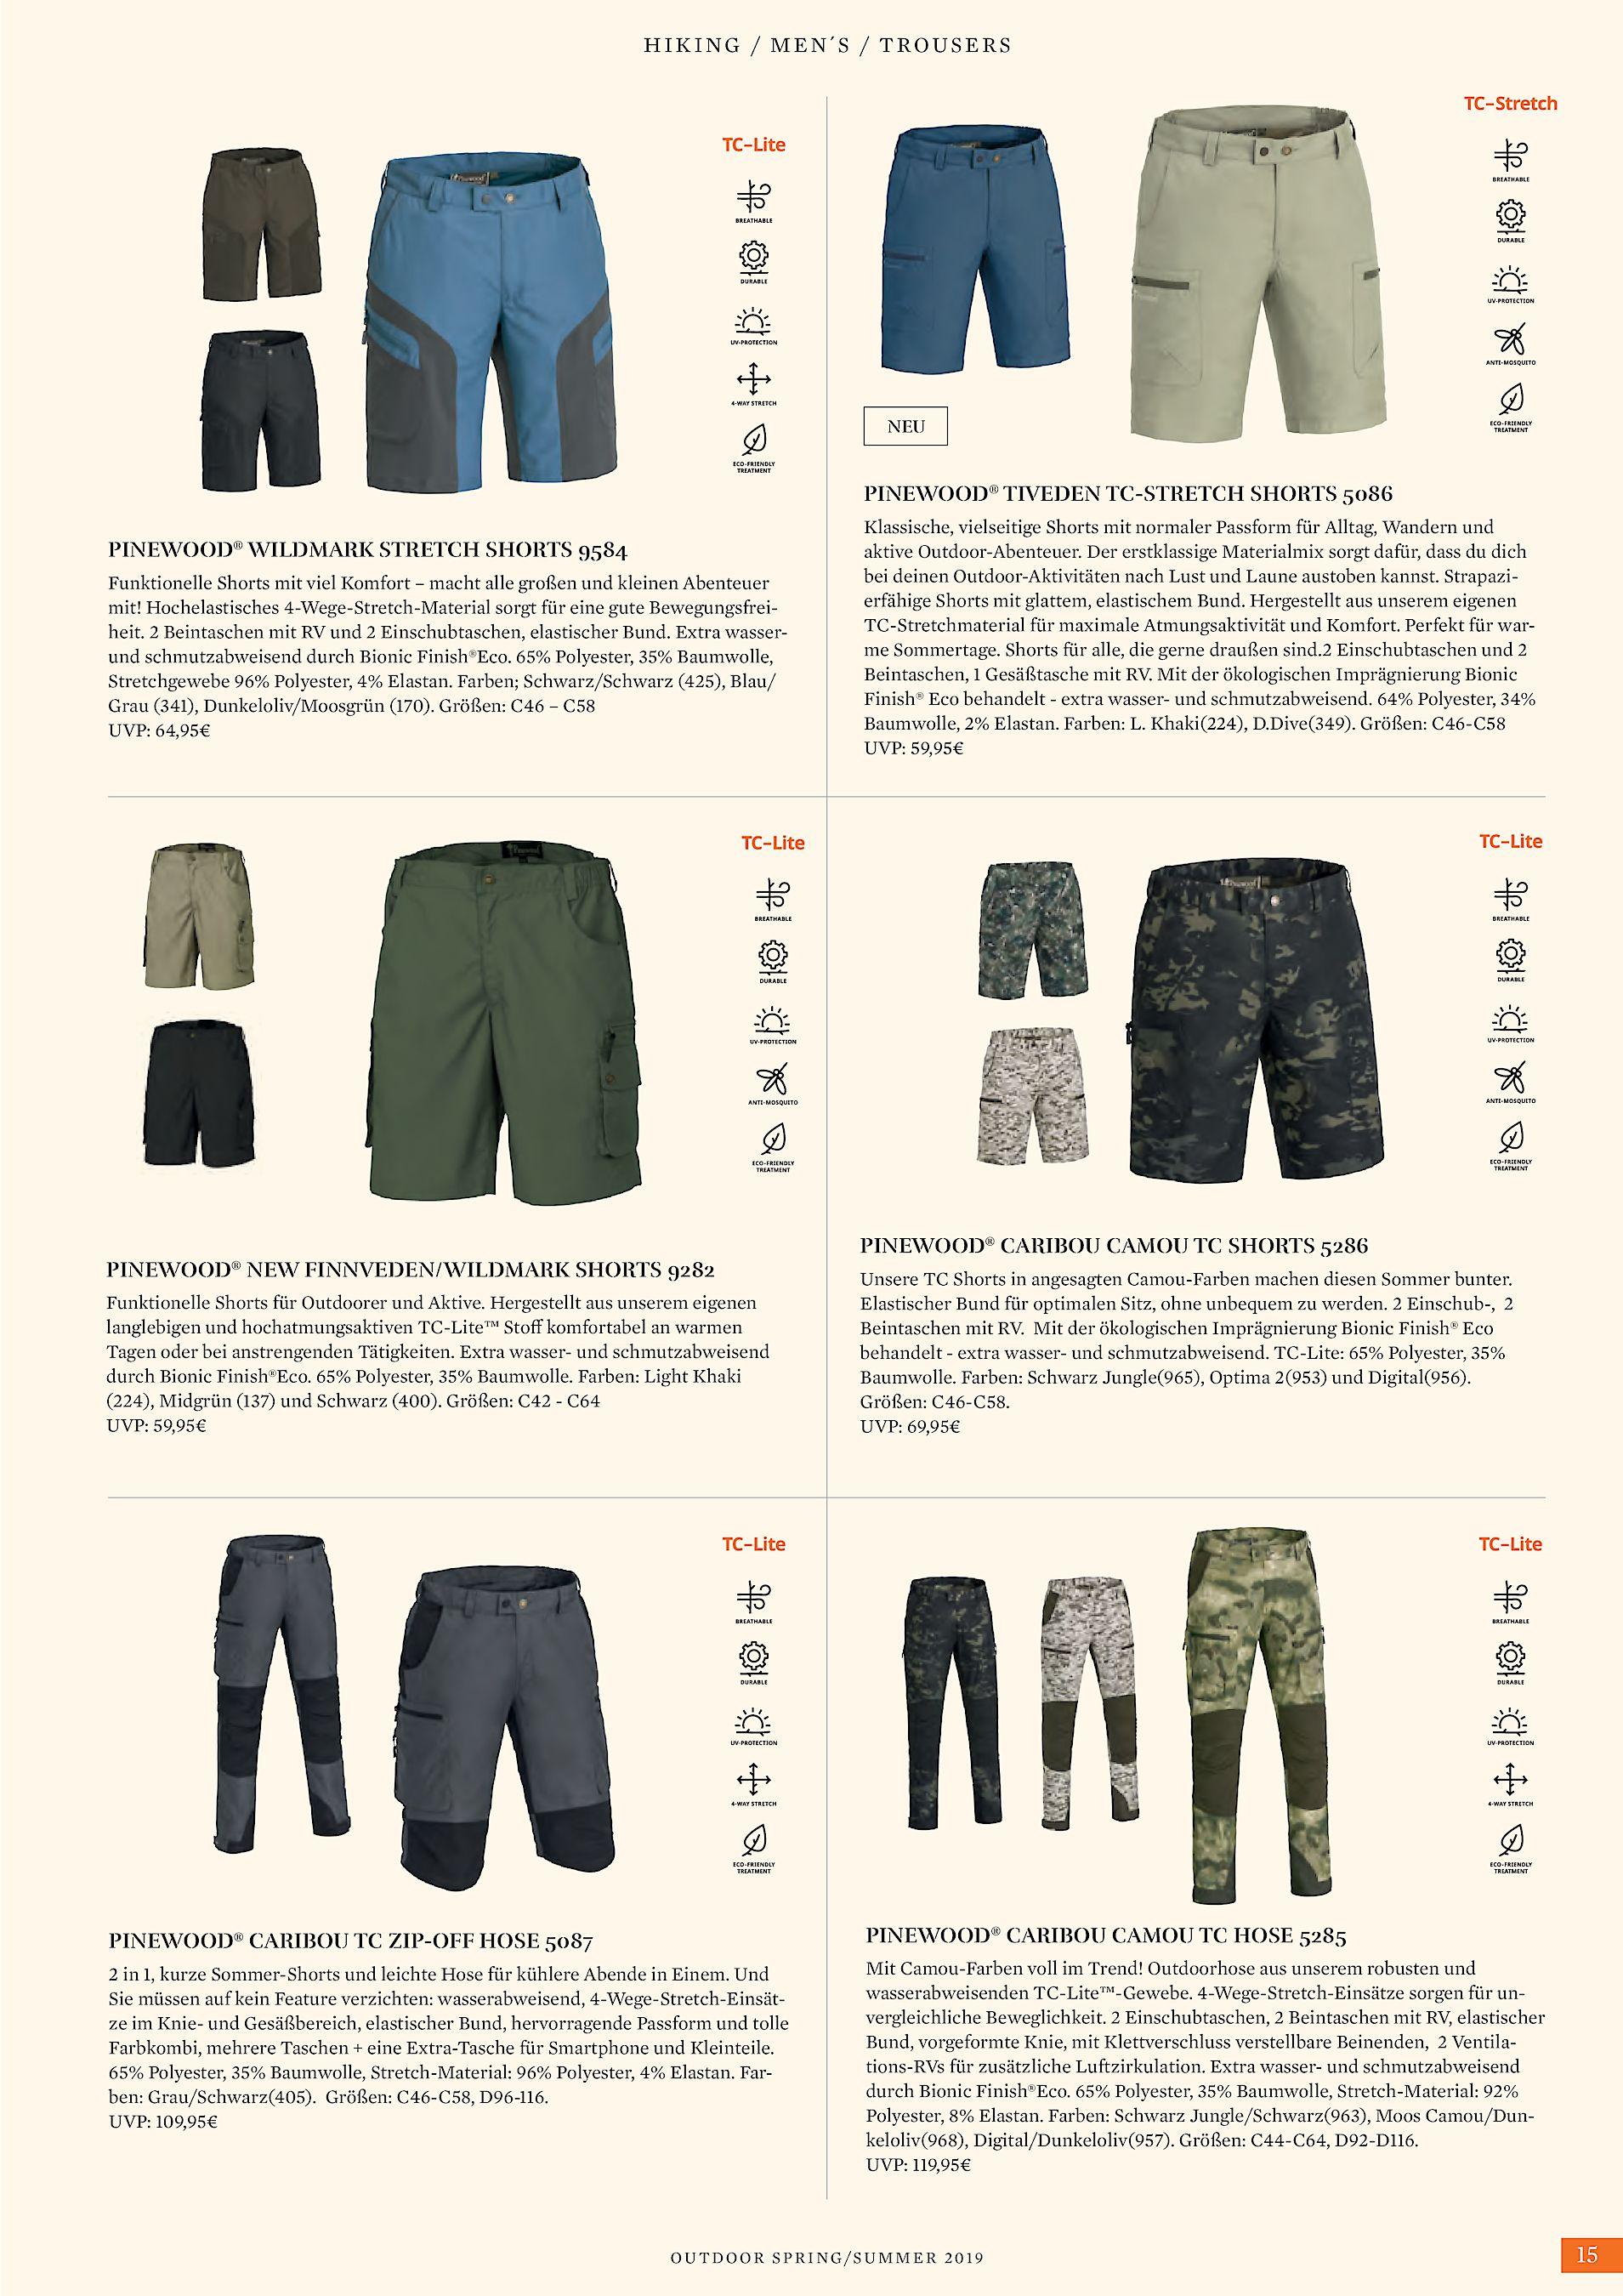 Kleidung & Accessoires Shorts & Bermudas 36 Geeignet FüR MäNner Und Frauen Aller Altersgruppen In Allen Jahreszeiten Treu Shorts Gr